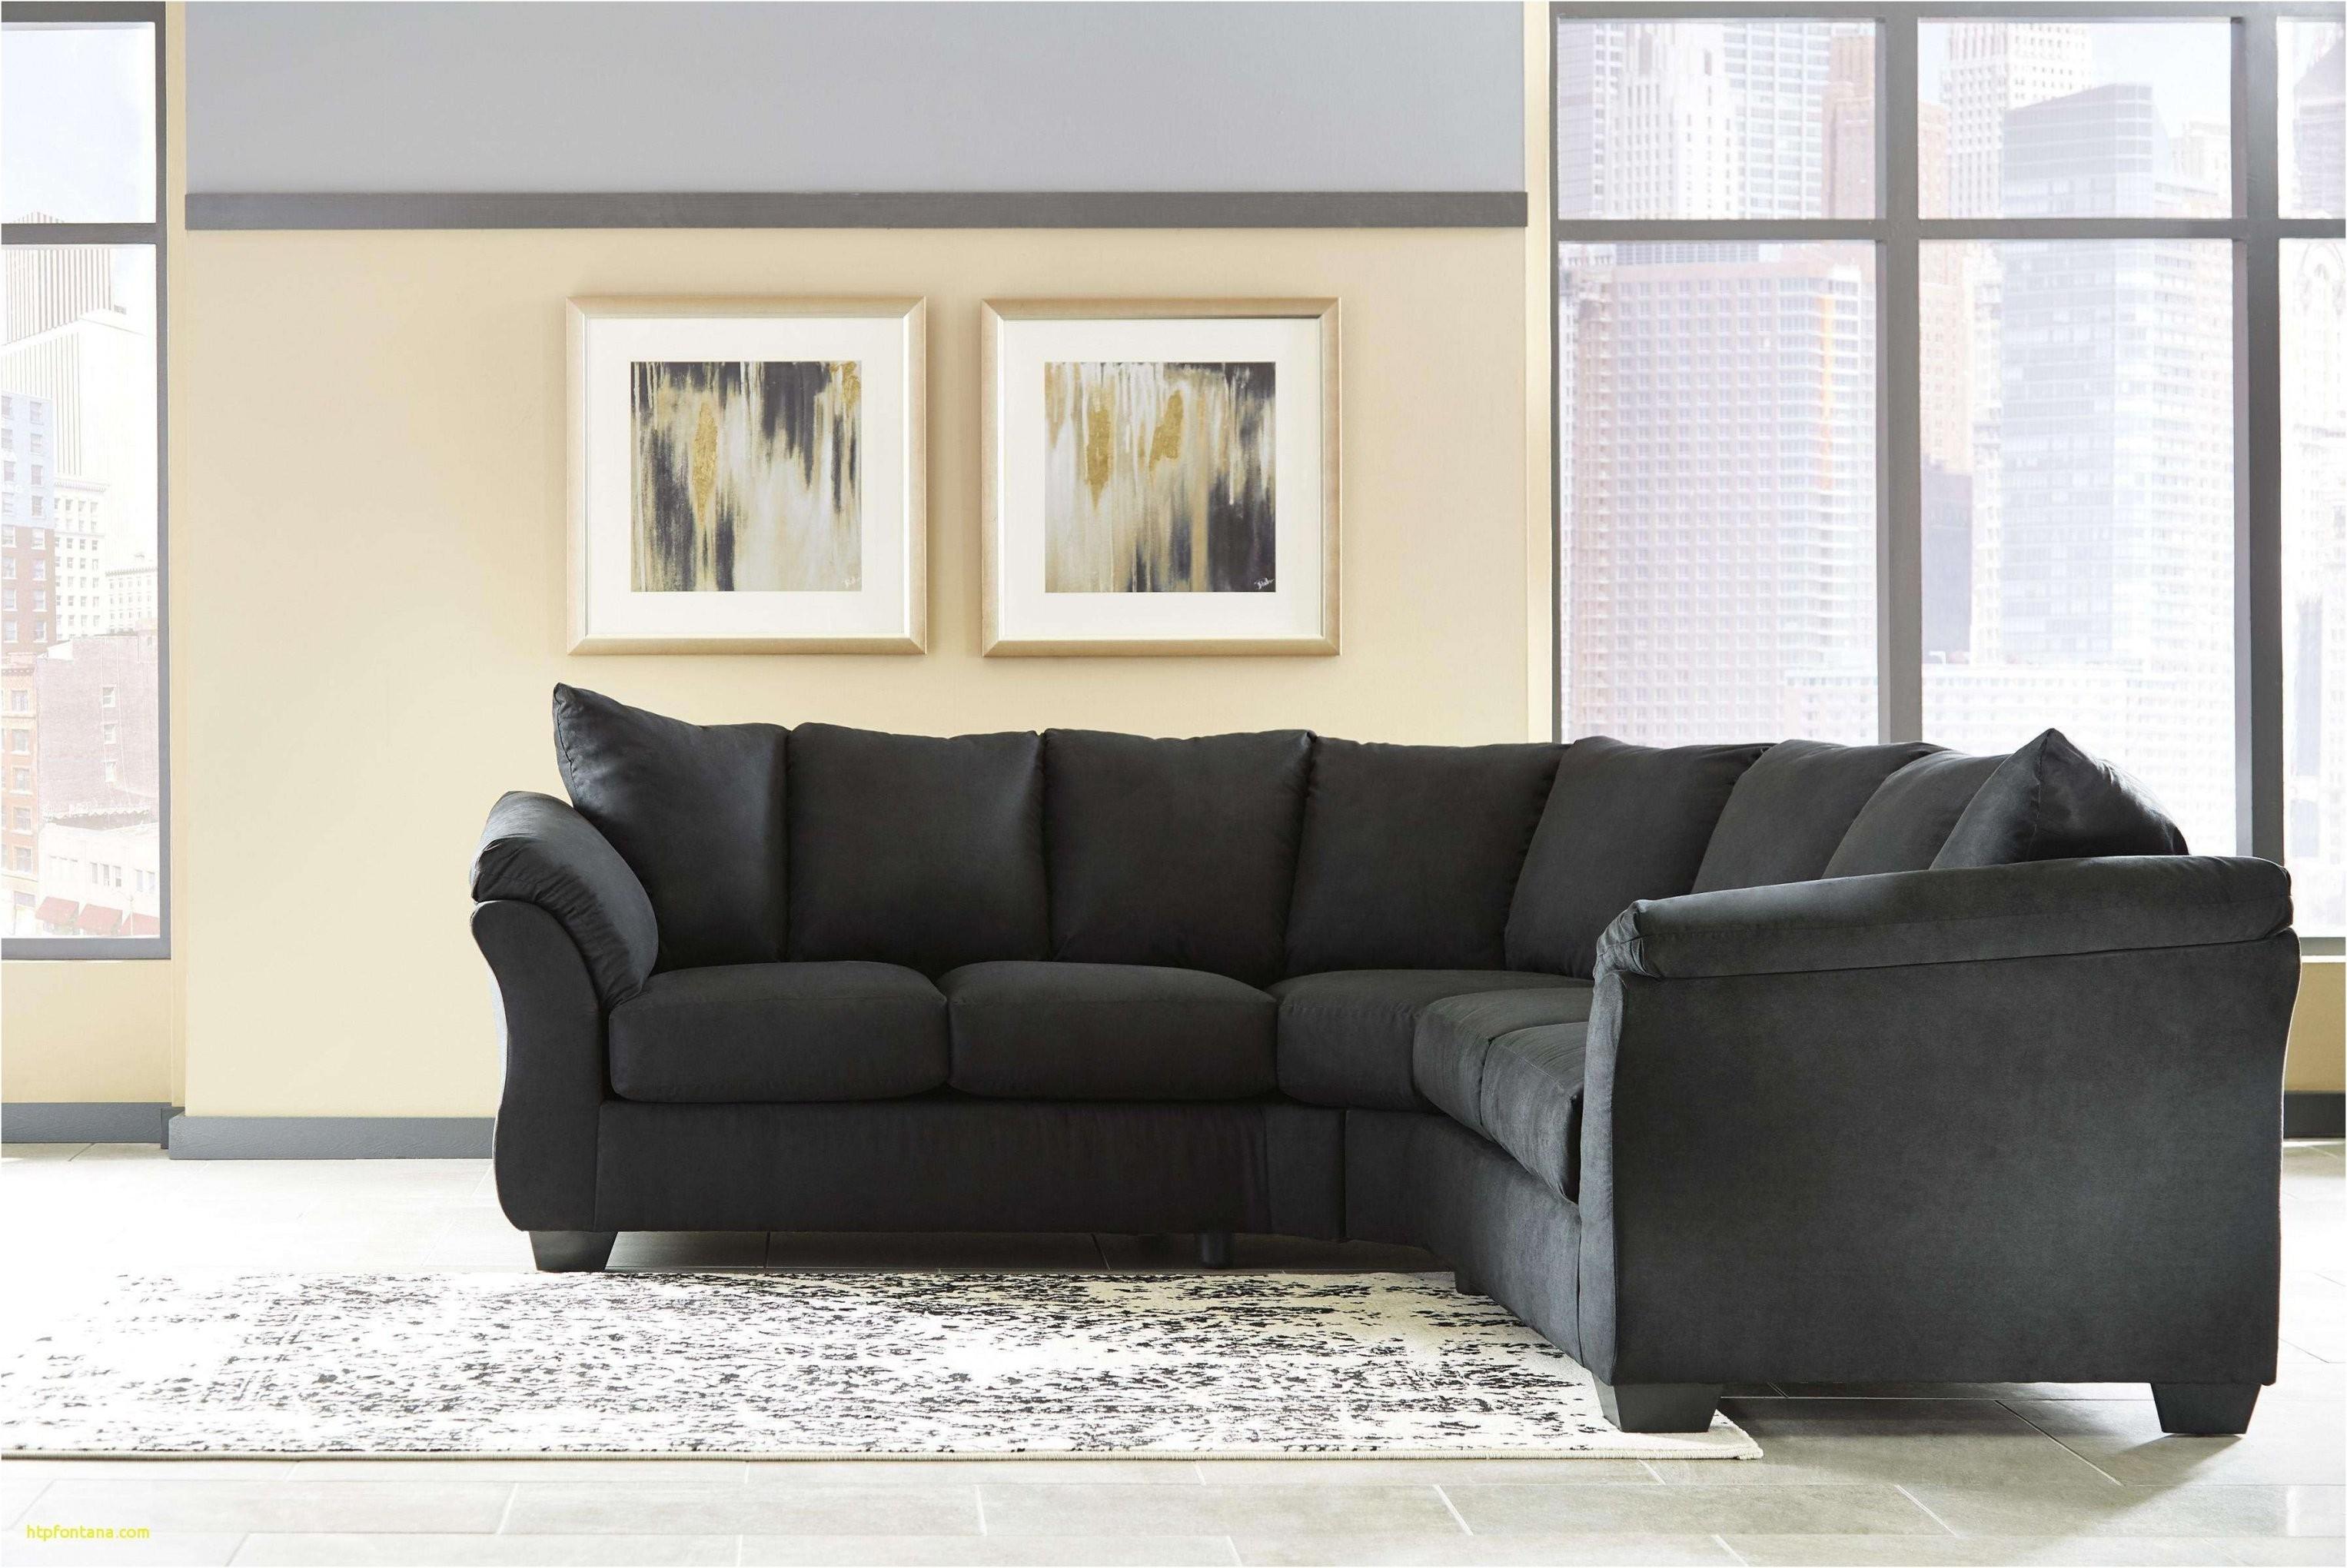 Ecksofa Mit Federkern Und Schlaffunktion Neu 3 Sitzer Sofa Mit von 3 Sitzer Sofa Mit Bettfunktion Bild